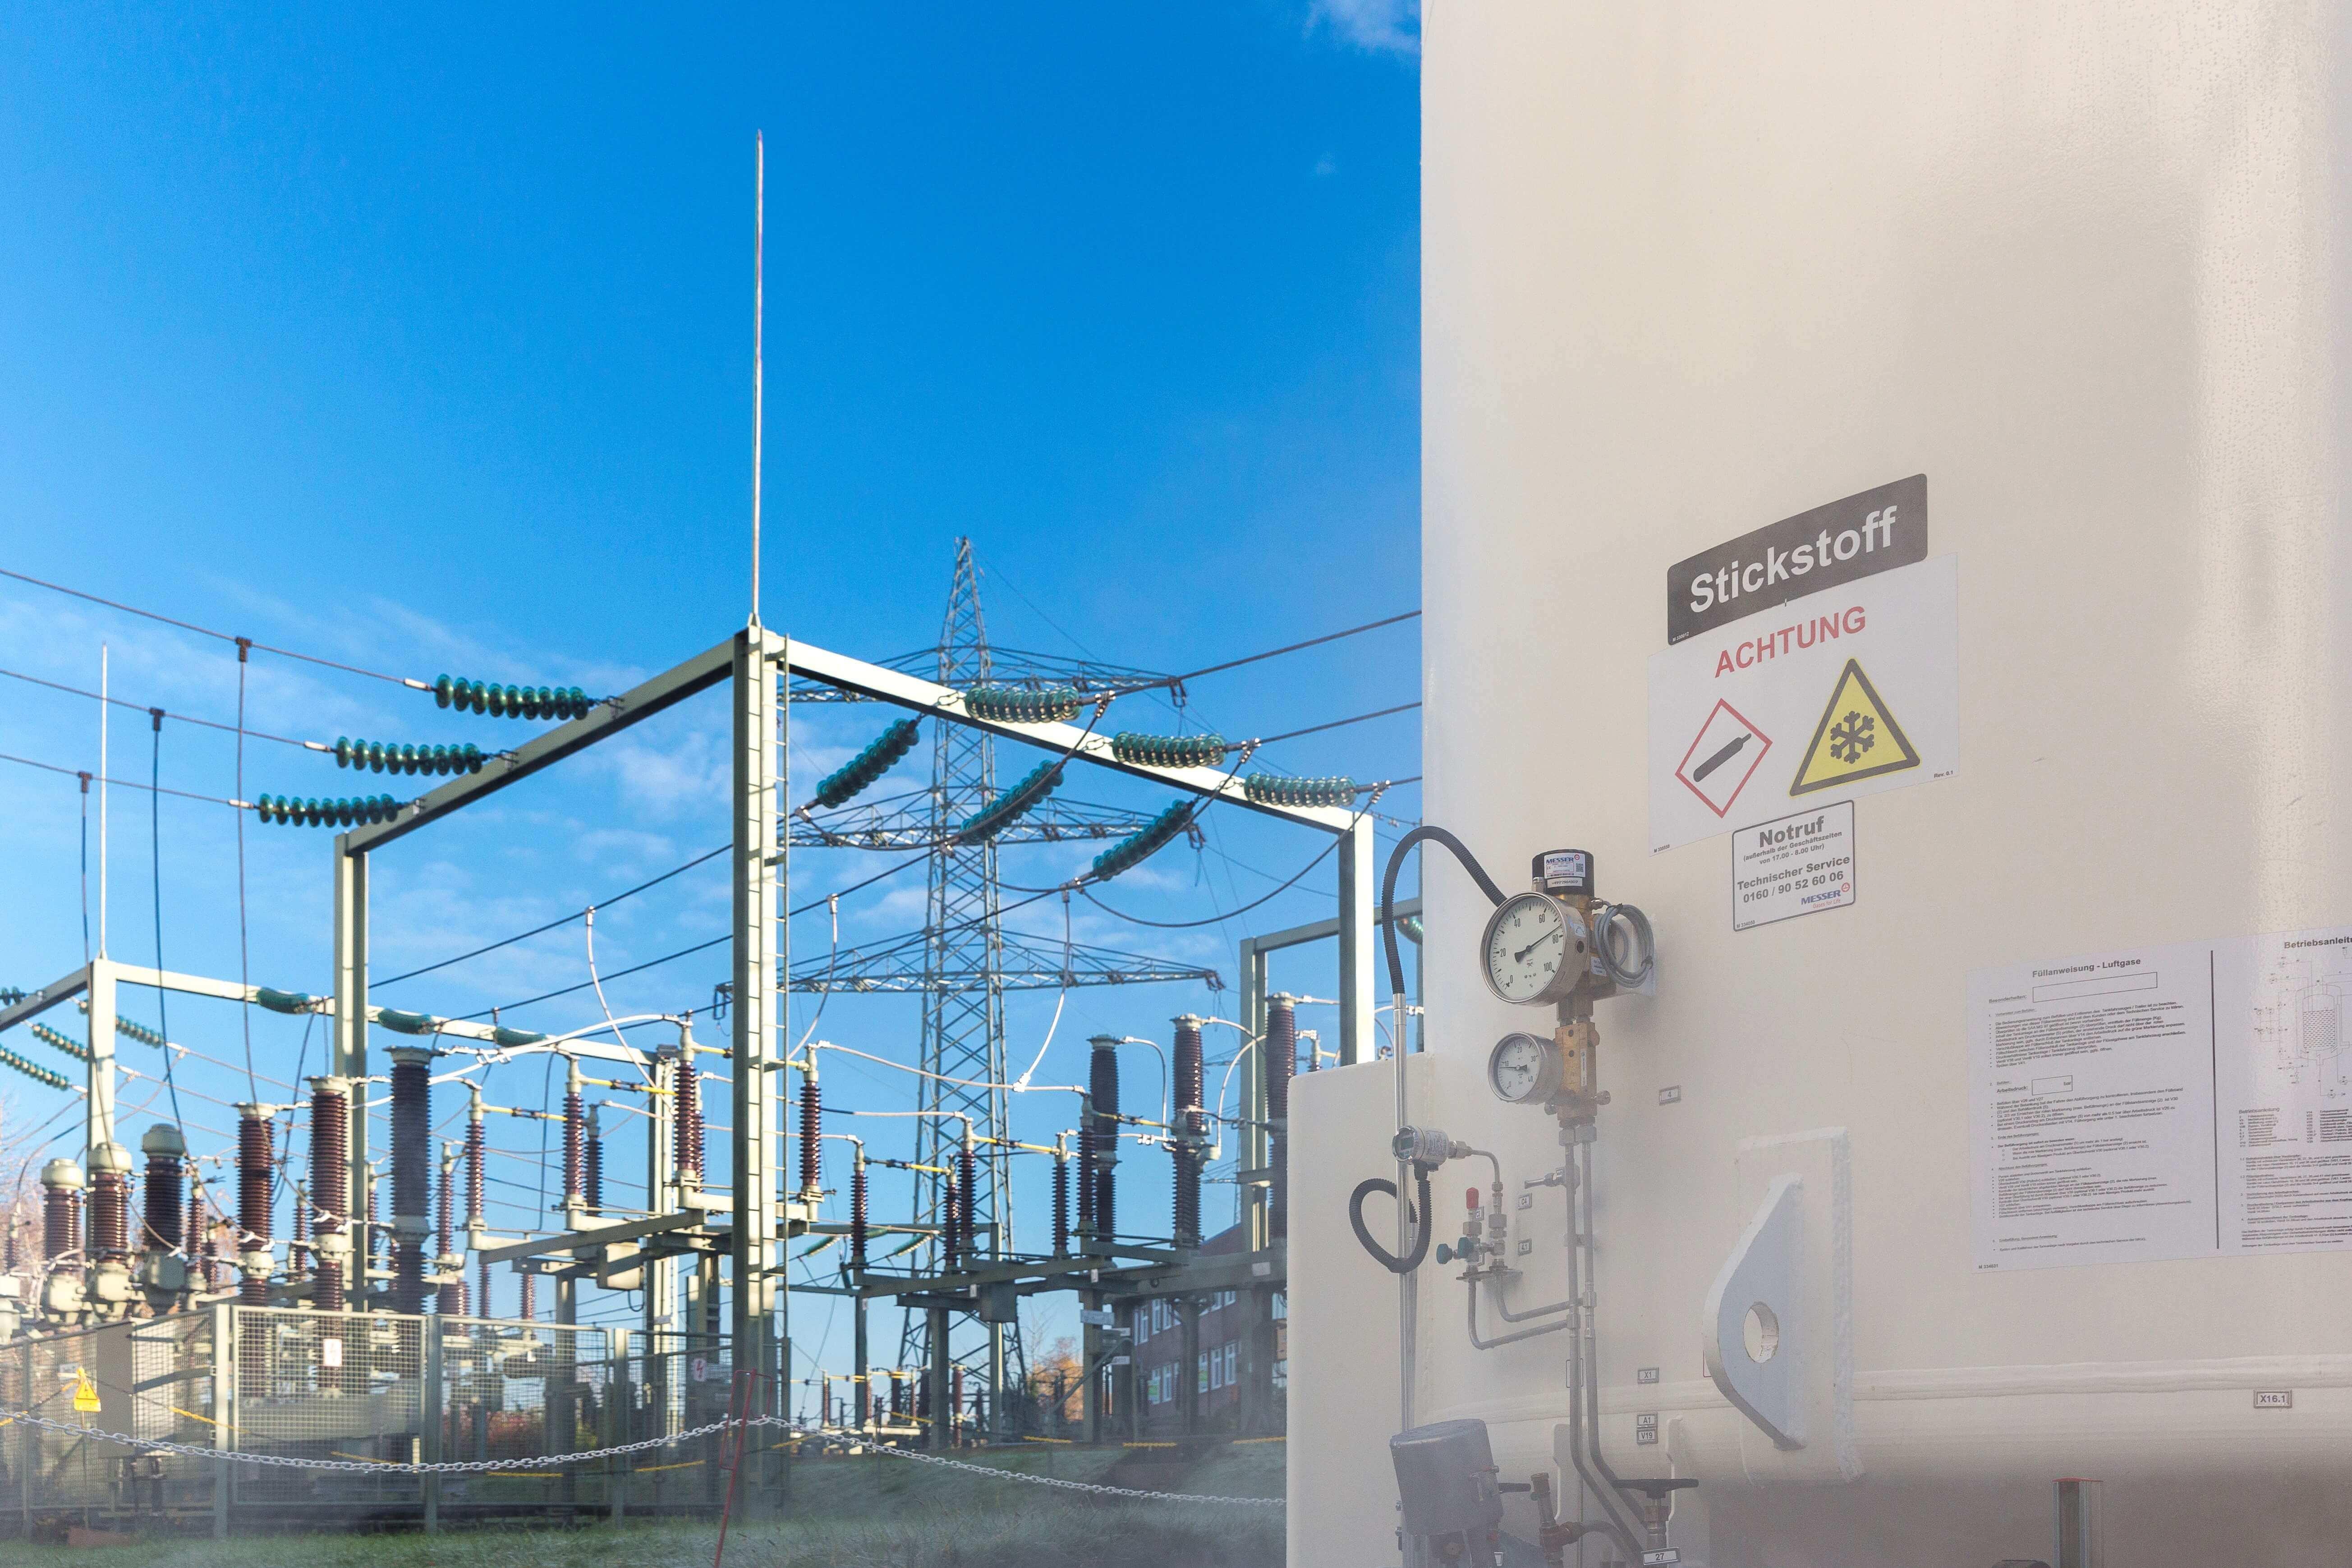 Energiewirtschaft im enformer Seitenansicht Kabelkühlanlage im Außenbereich